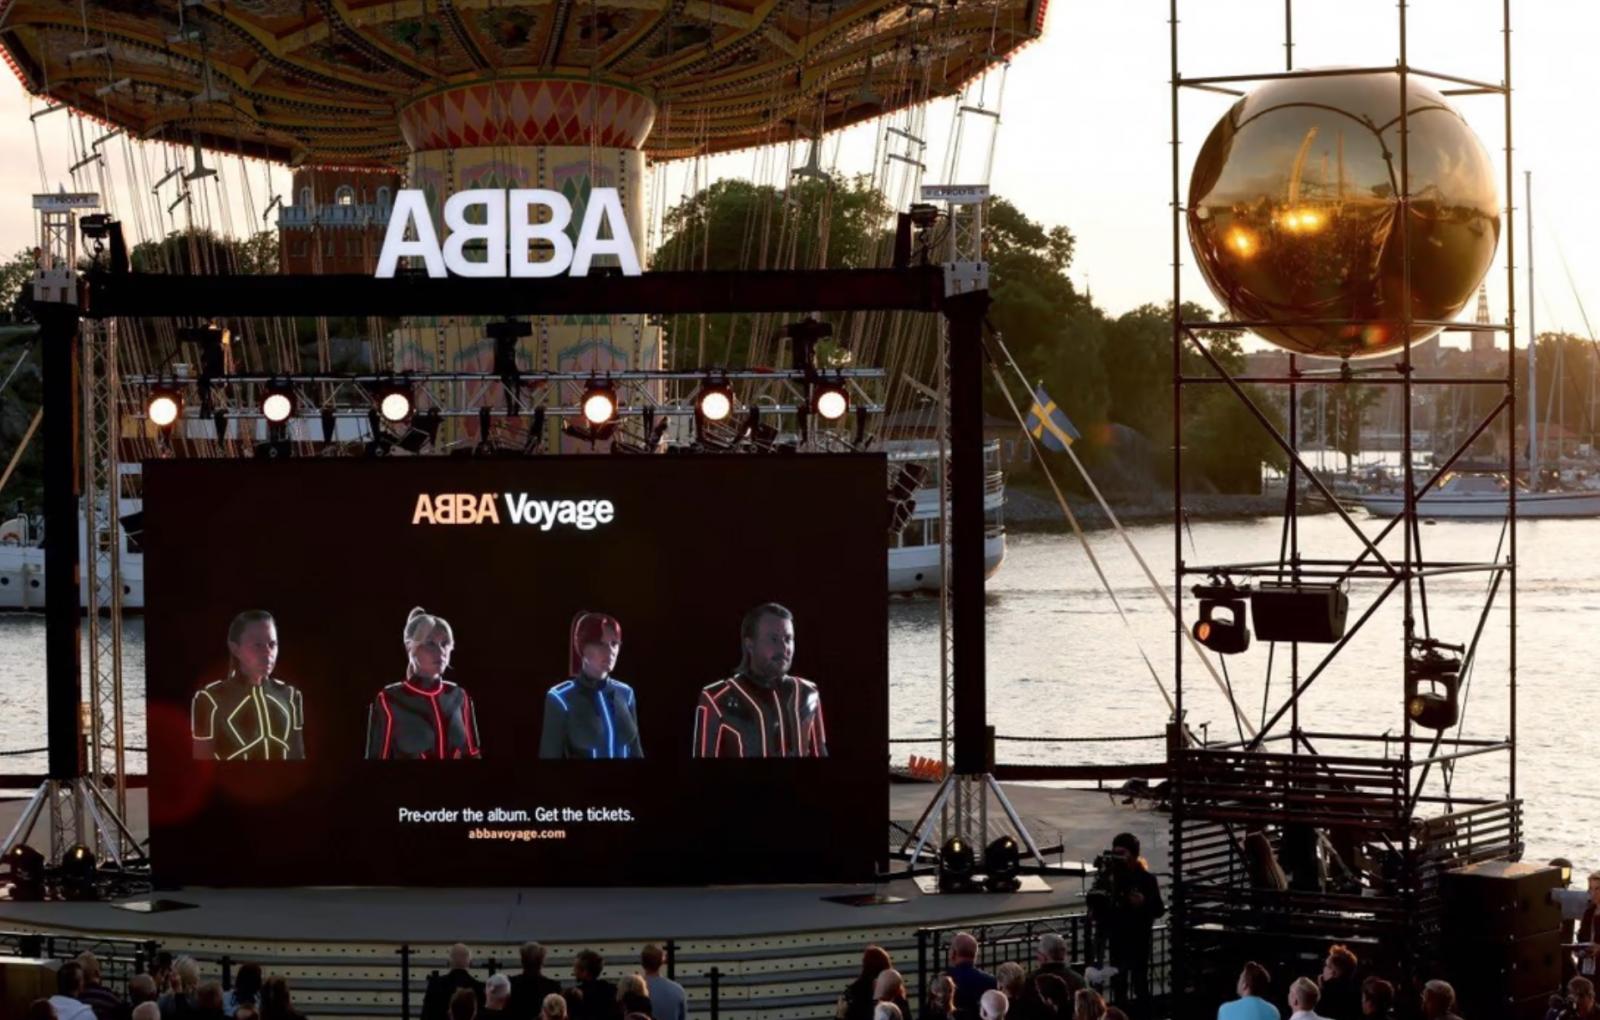 Sau gần 4 thập kỷ tan rã, ABBA ra mắt abum mới và chương trình hòa nhạc kỹ thuật số